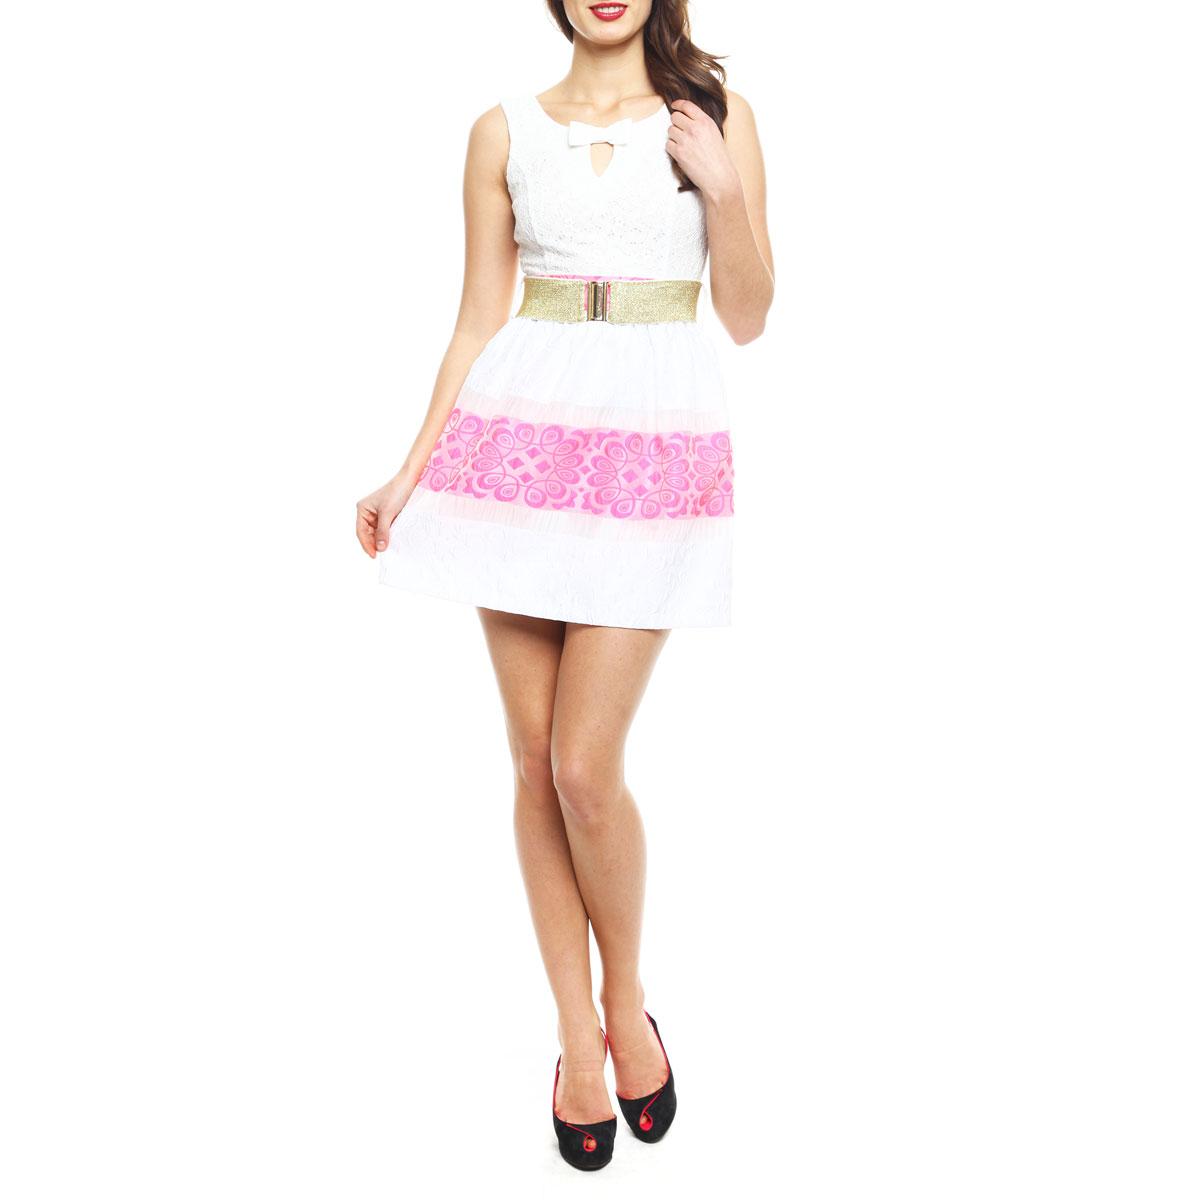 Платье Topsandtops, цвет: белый, розовый. 8074-150126TT white-neon pink. Размер 42 (48)8074-150126TT white-neon pinkЭффектное платье Topsandtops, изготовленное из высококачественного материала, придется по душе любой моднице. Модель на широких бретелях с круглым вырезом горловины застегивается на потайную застежку-молнию, расположенную в боковом шве. Платье приталенного кроя с пышной юбкой идеально сядет на любую фигуру. Линия талии подчеркнута поясом-резинкой, входящим в комплект. Верхняя часть платья выполнена из нежного гипюра. Спереди лиф оформлен V-образным вырезом на груди и кокетливым бантиком. На спинке - оригинальный вырез с двумя перемычками, также декорированными бантами. Юбка с фактурным узором имеет полупрозрачные вставки и выполнена в сочетании двух контрастных цветов. Юбка дополнена приятной подкладочной тканью. Яркое платье - идеальный вариант для создания незабываемого образа.